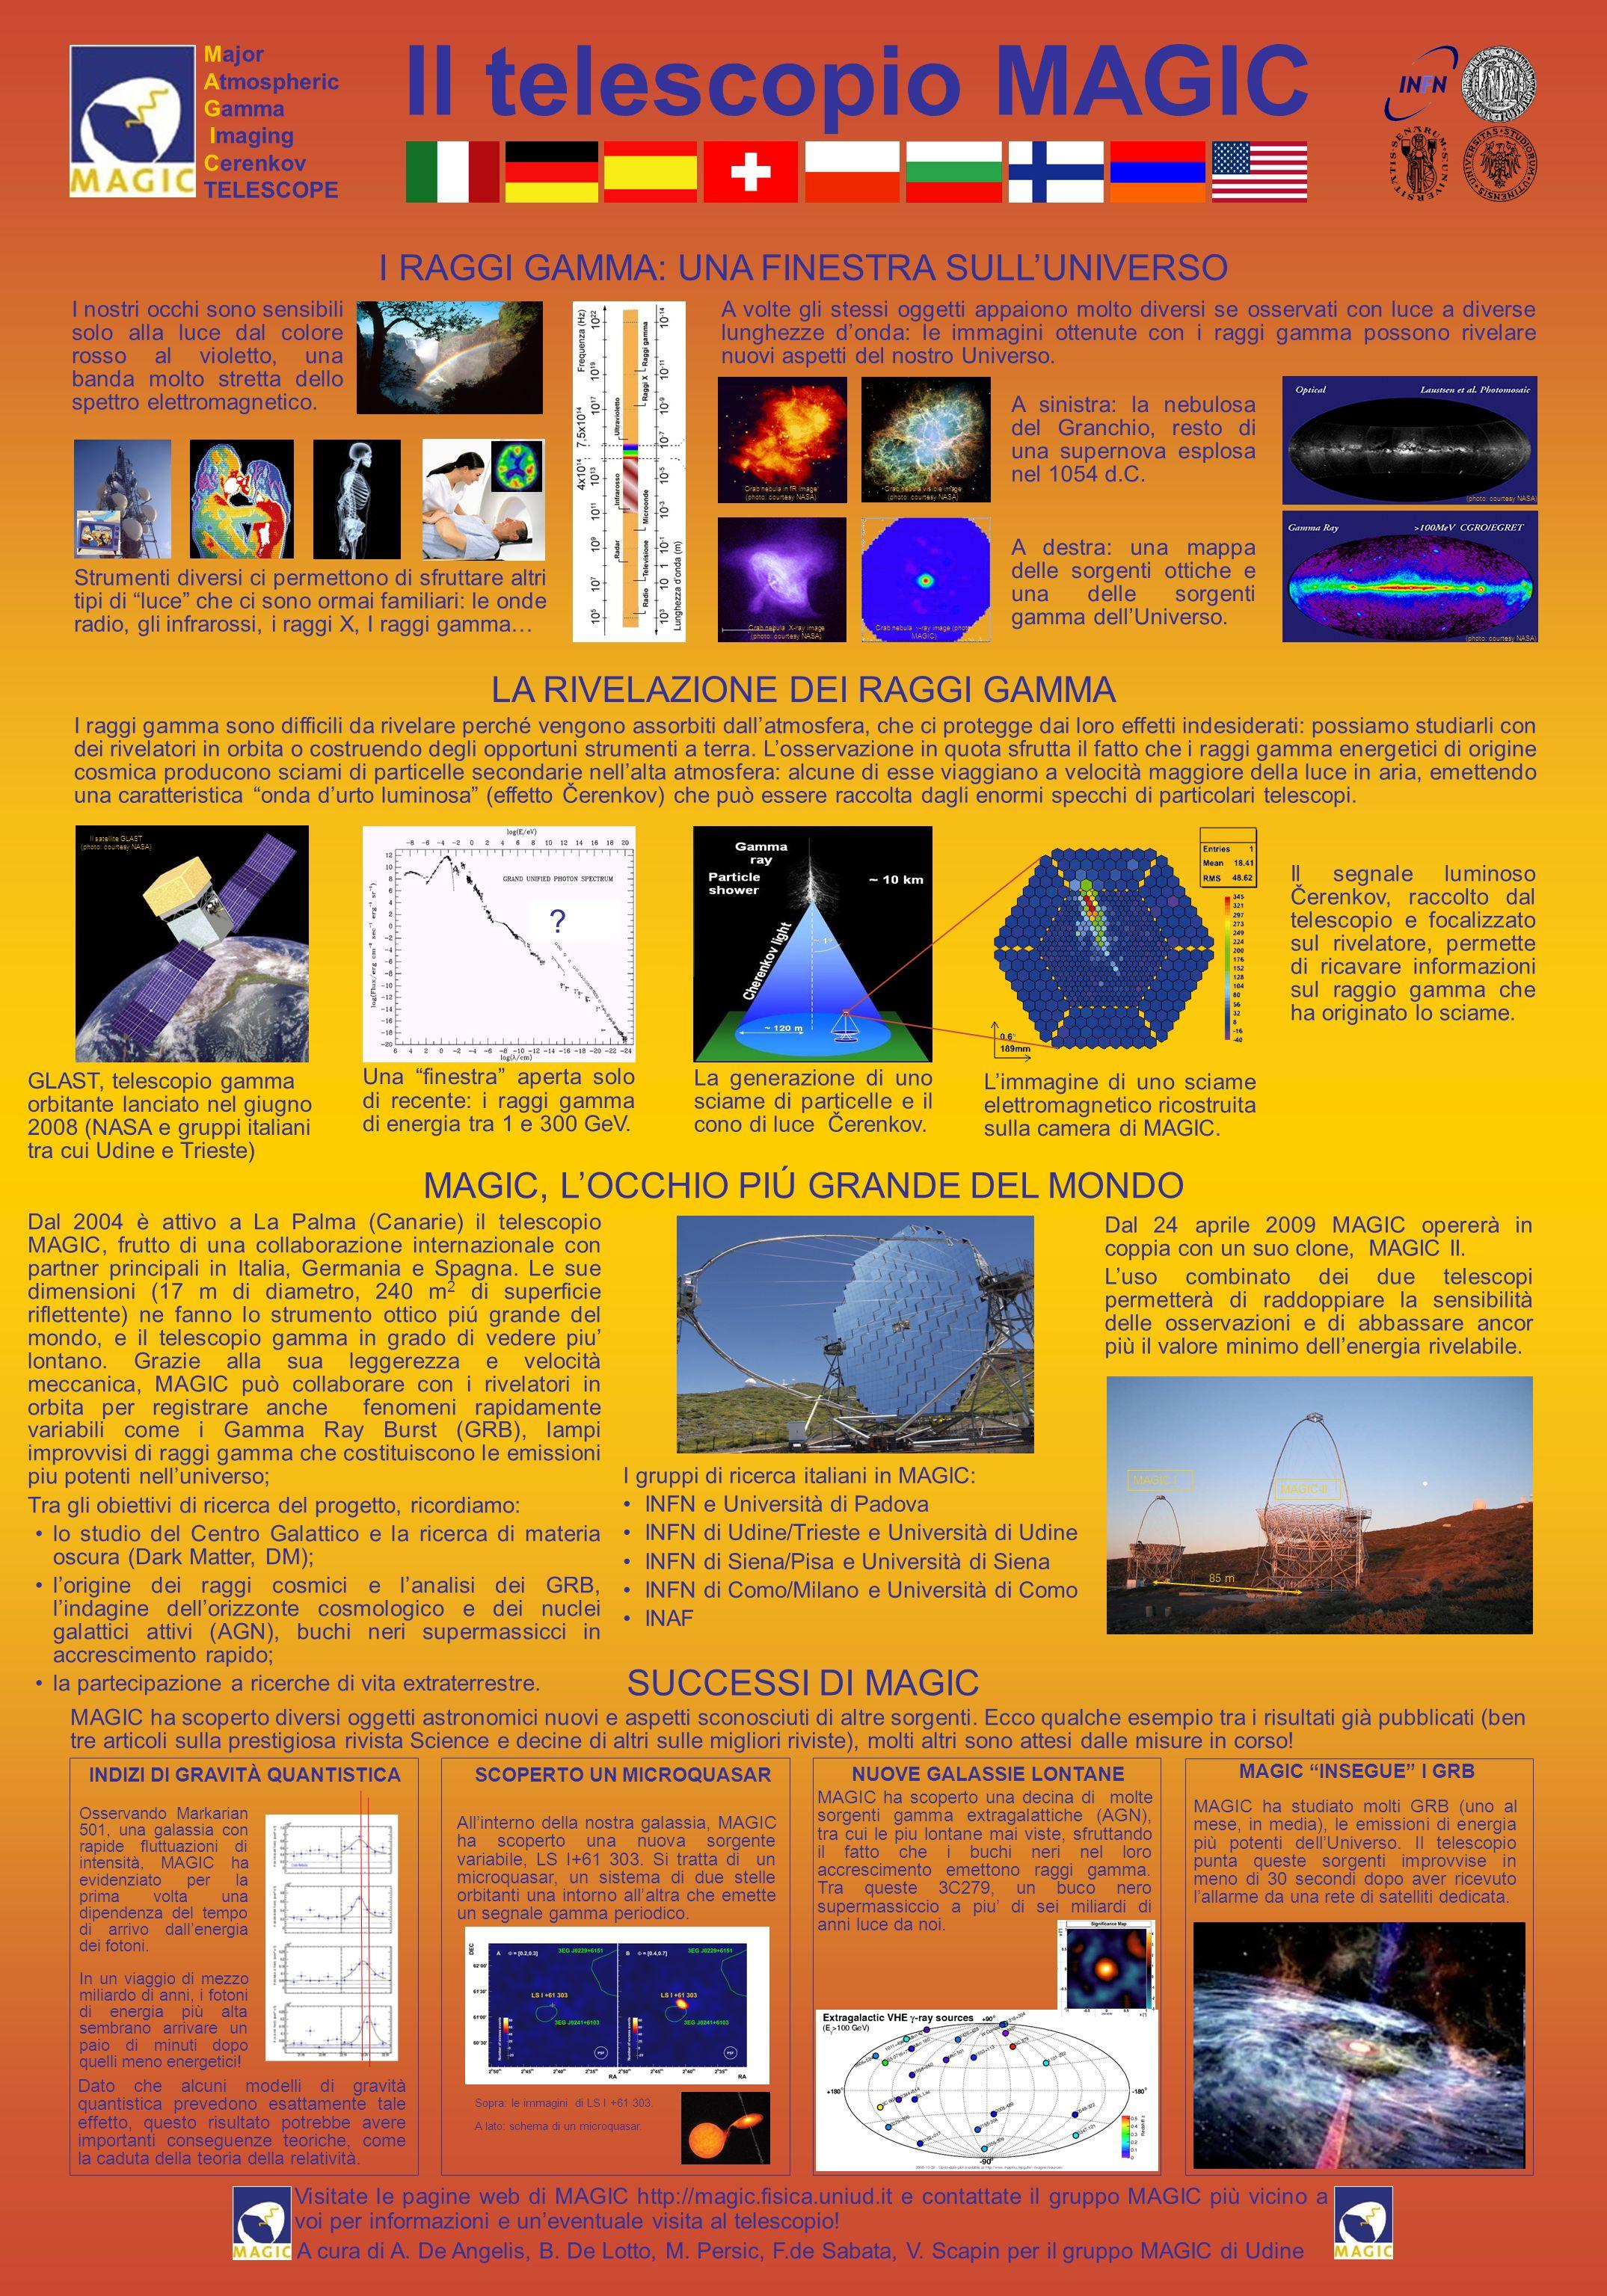 I RAGGI GAMMA: UNA FINESTRA SULLUNIVERSO MAGIC, LOCCHIO PIÚ GRANDE DEL MONDO MAGIC ha scoperto diversi oggetti astronomici nuovi e aspetti sconosciuti